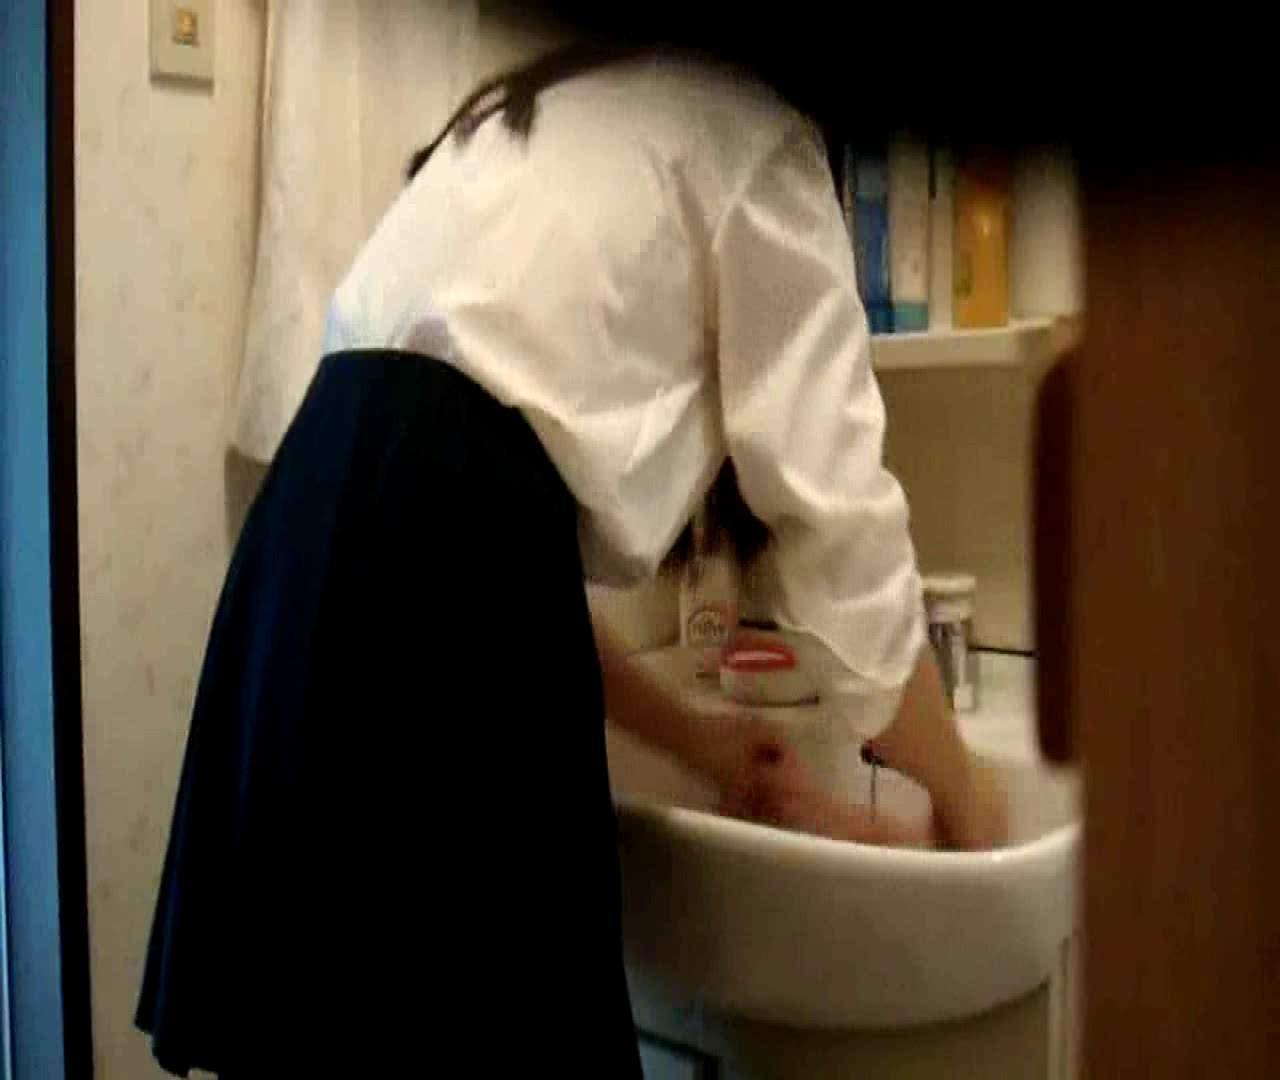 二人とも育てた甲斐がありました… vol.05 まどかが洗顔後にブラを洗濯 HなOL | 0  98pic 8